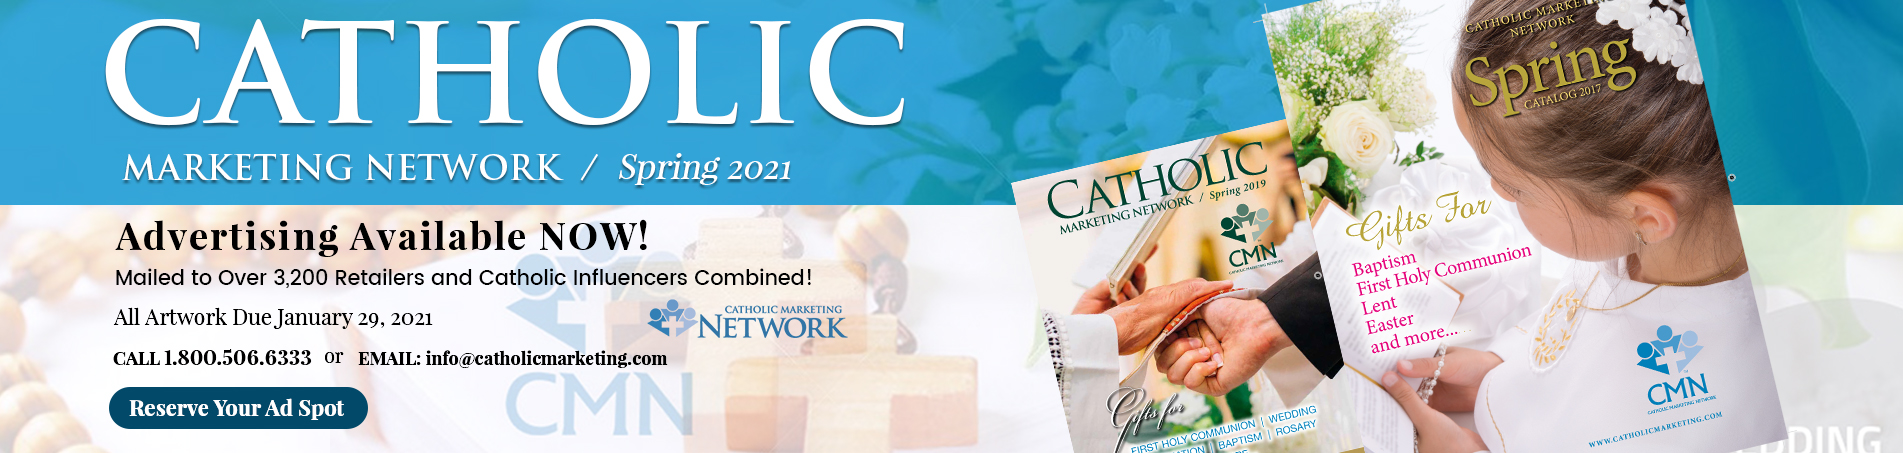 Catholic Marketing Banner Marketplace